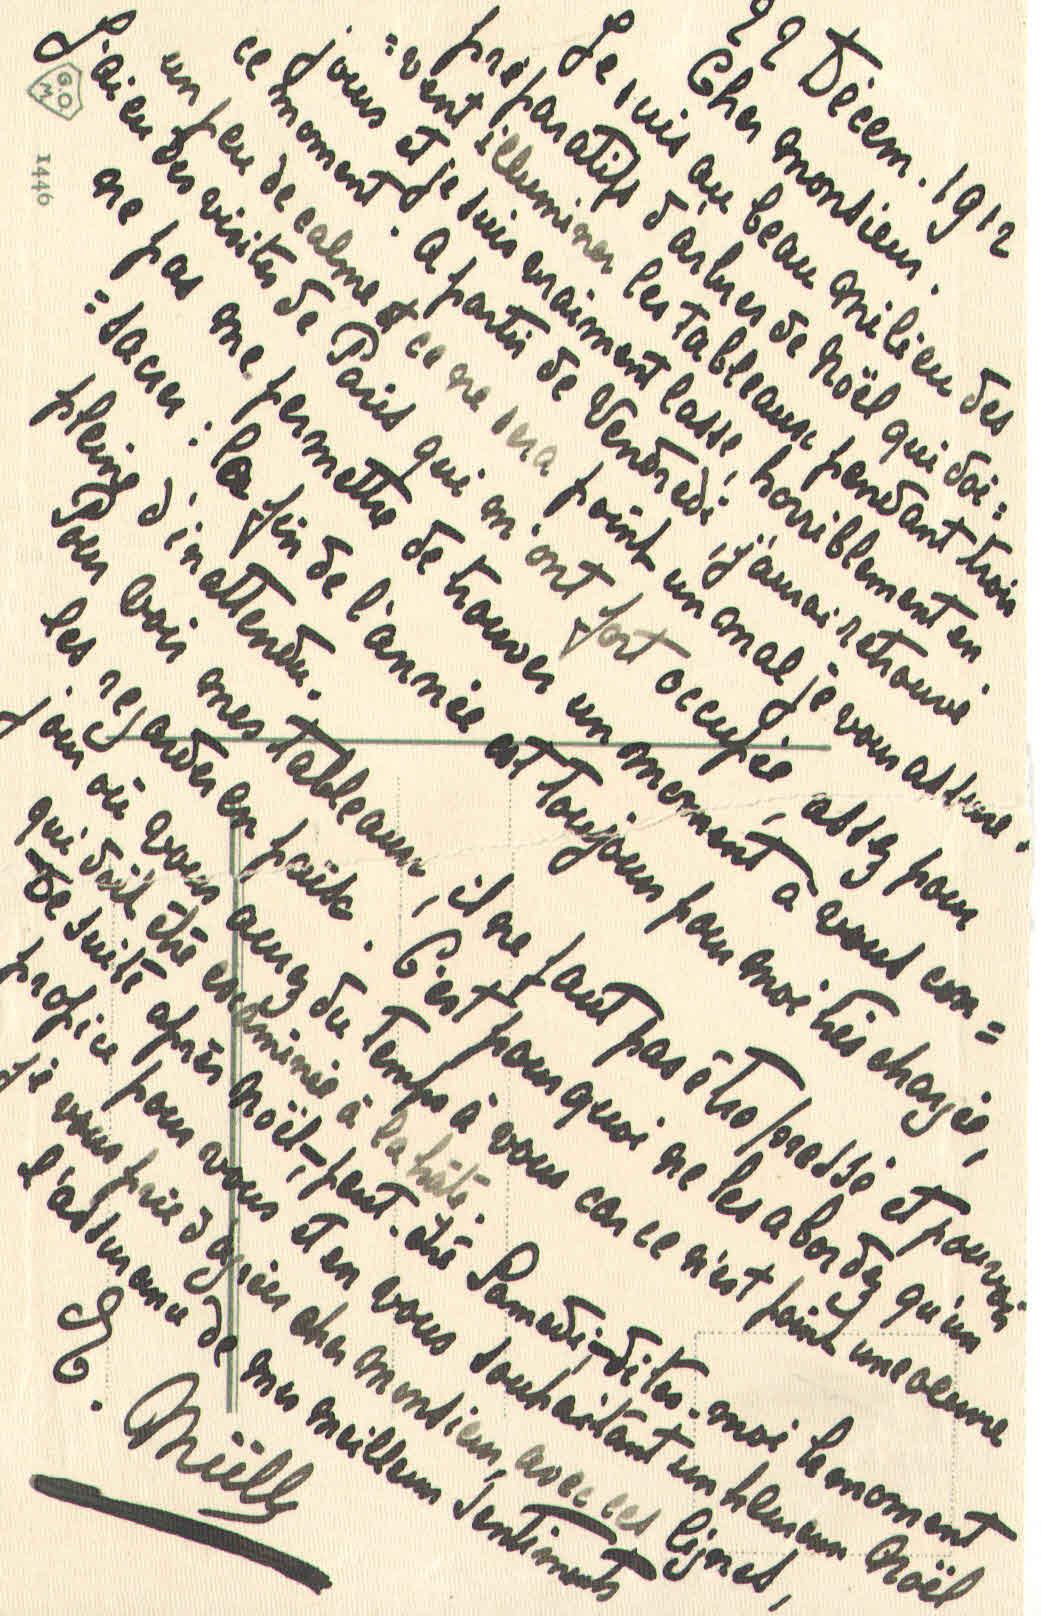 Elise à Théodore, le 22 décembre 19012